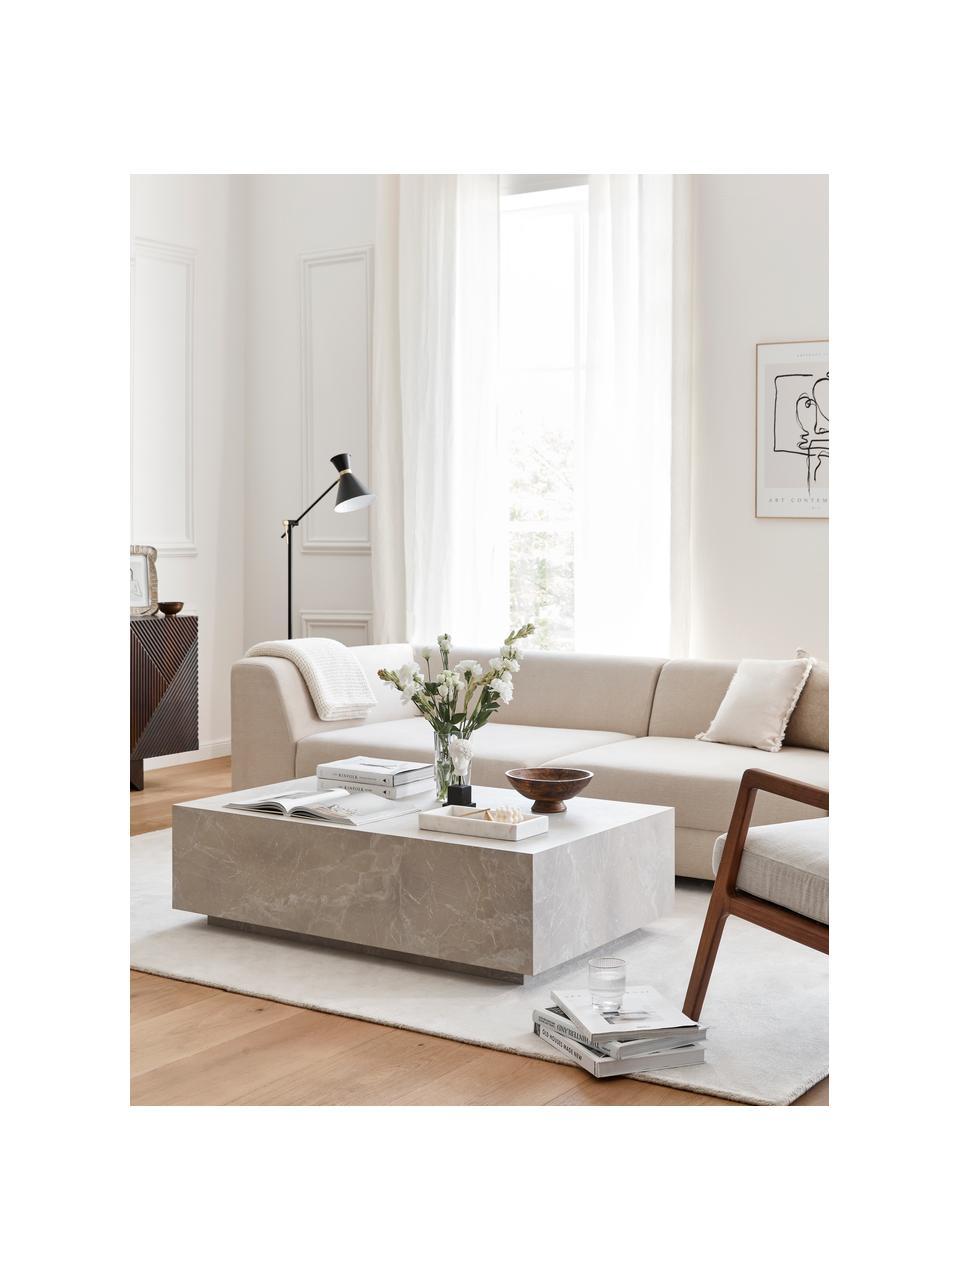 Zwevende salontafel Lesley in travertijn look, MDF bekleed met melaminefolie, Beige, travertijn look, 120 x 35 cm